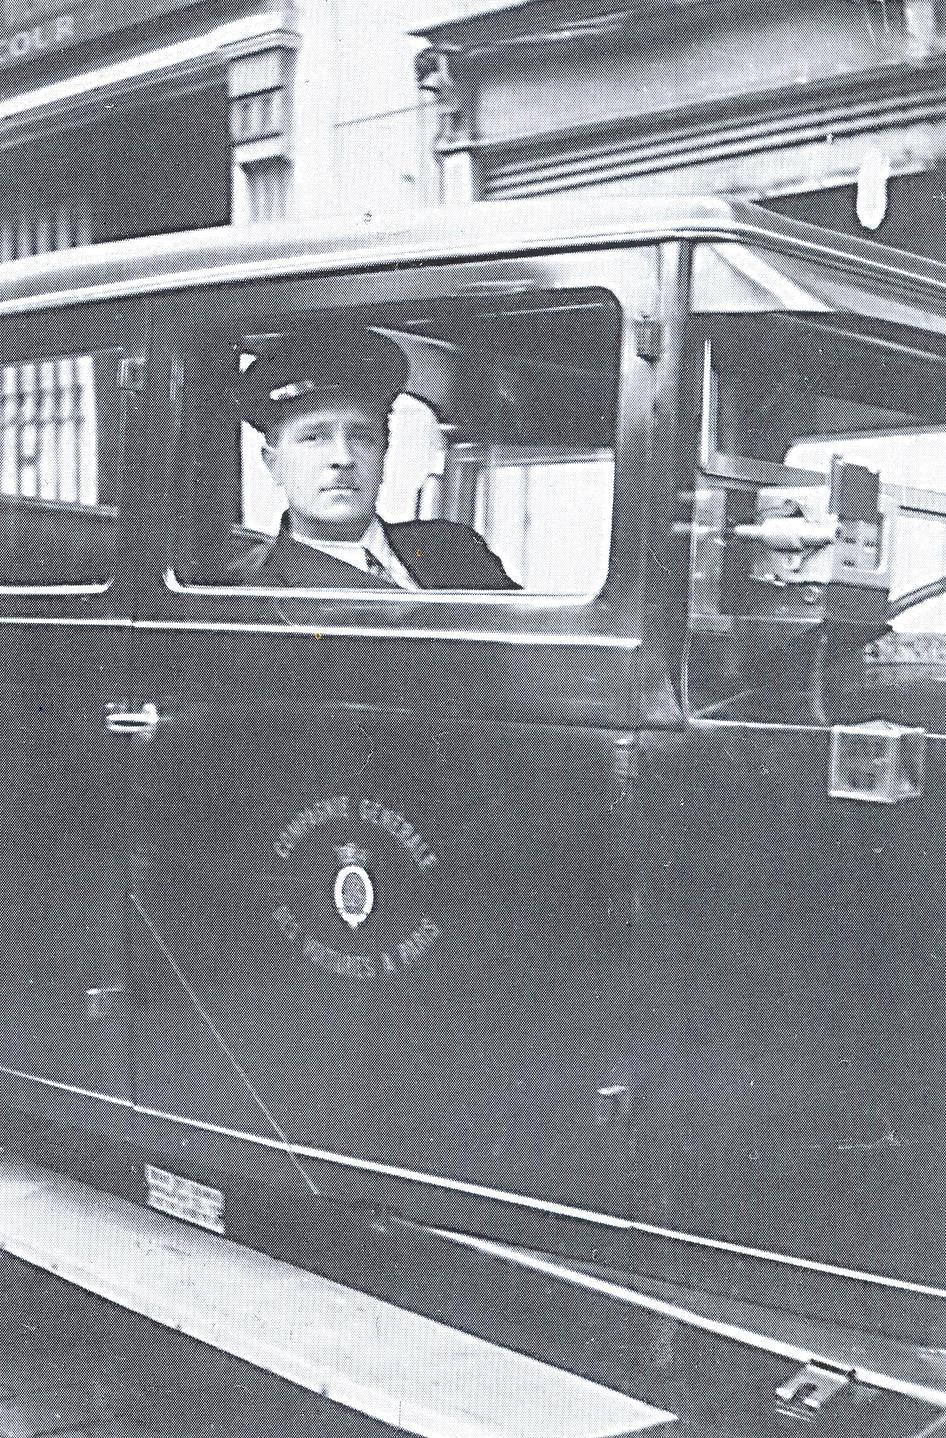 Генерал П.Н. Шатилов – парижский таксист (из книги Д.П. Костомарова «В ряду поколений»)